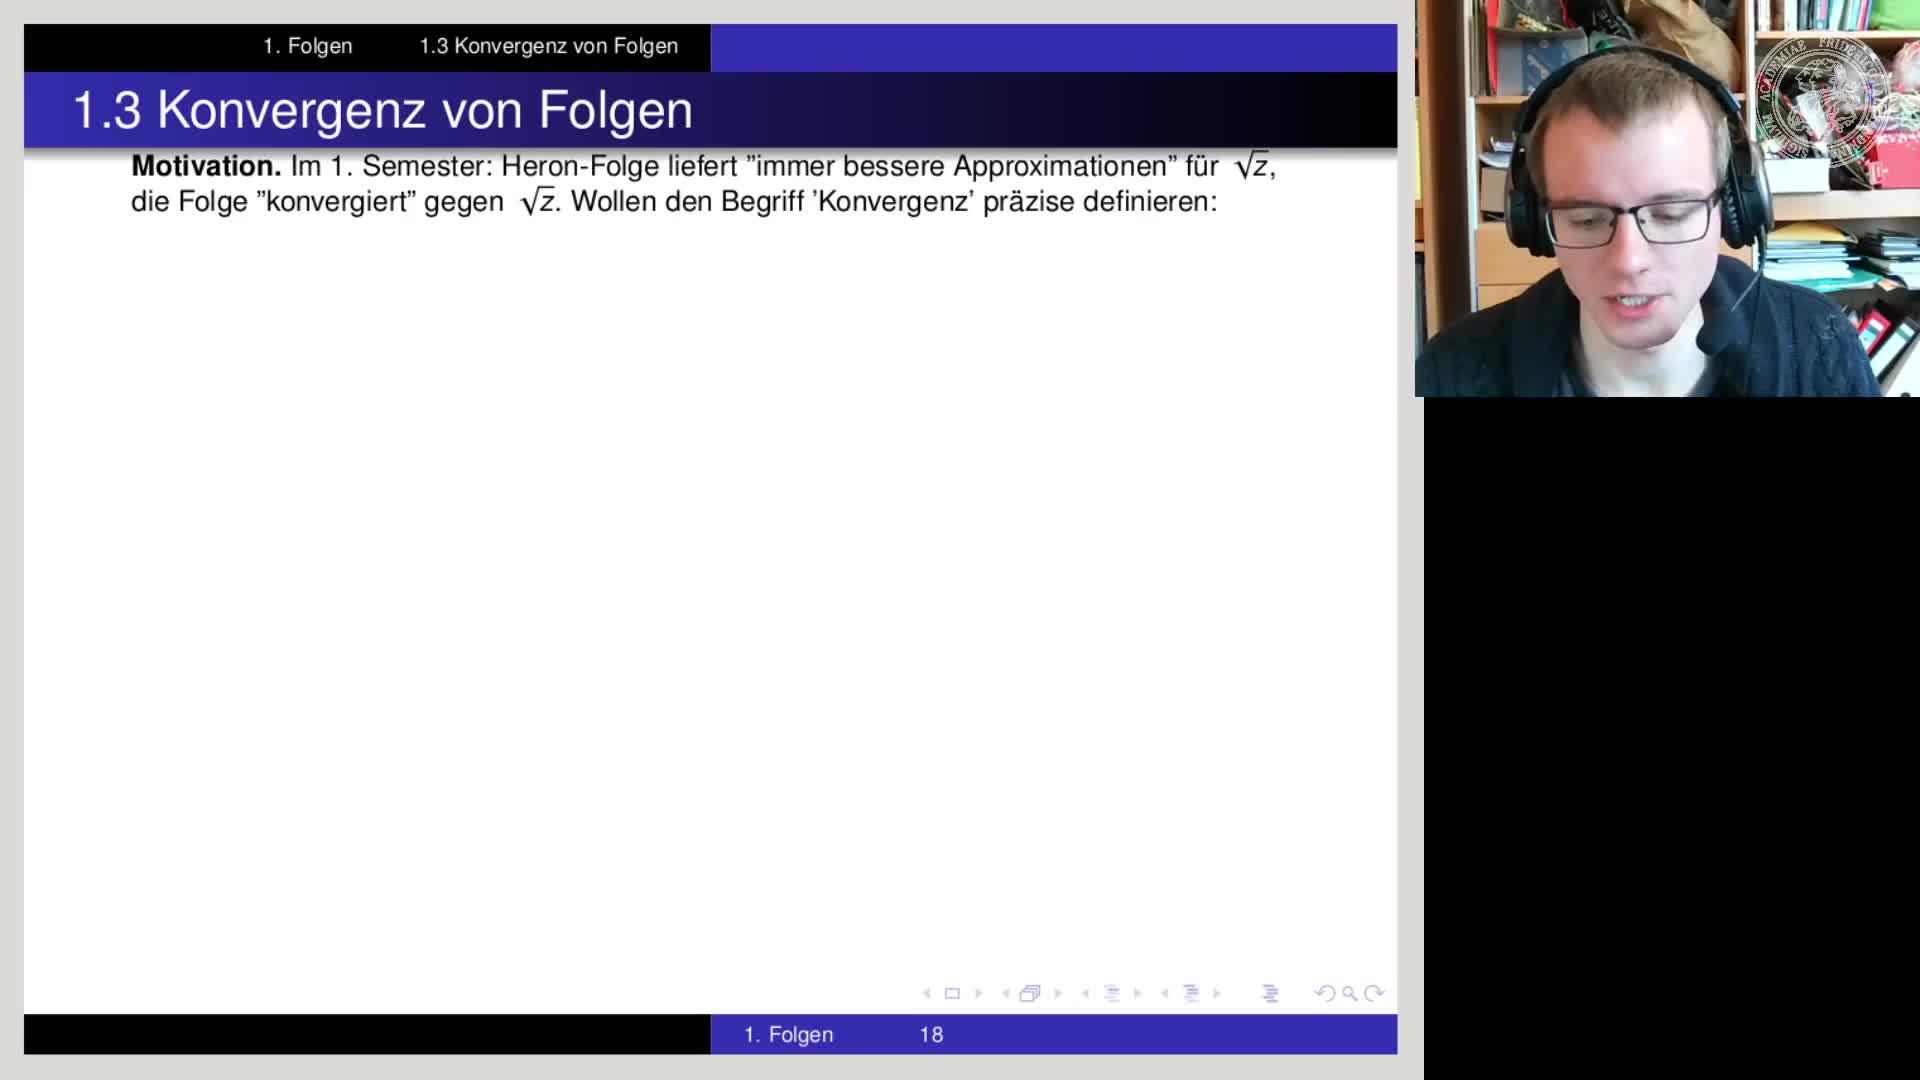 VL_01_2_Folgen_Konvergenz preview image